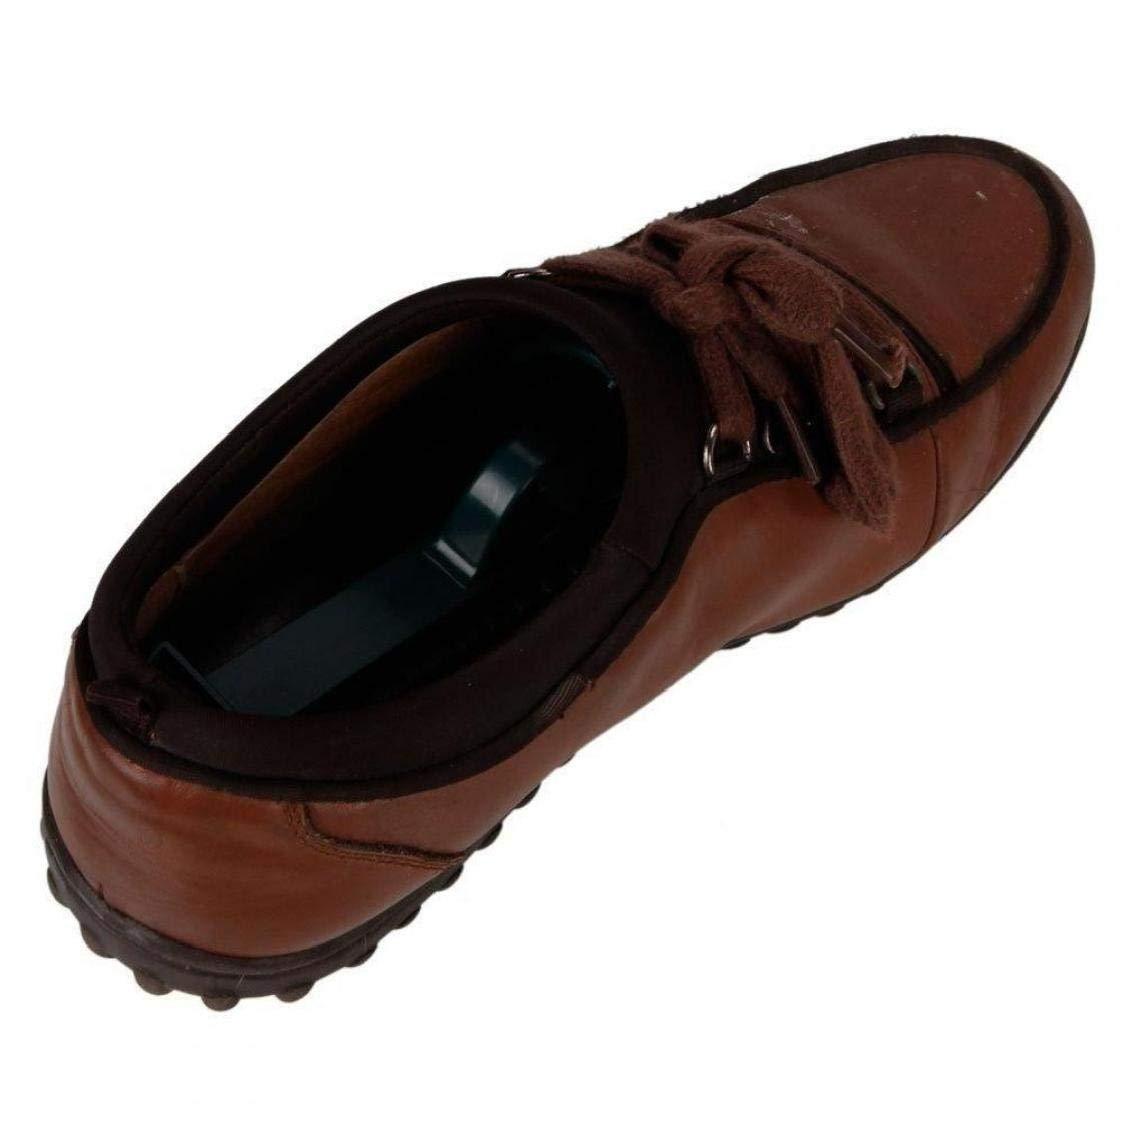 la largeur la hauteur pour pieds larges en plastique r/ésistant AMOYER 1 paire dembauchoirs de chaussures pour homme r/églable pour /étirer la longueur vert fonc/é